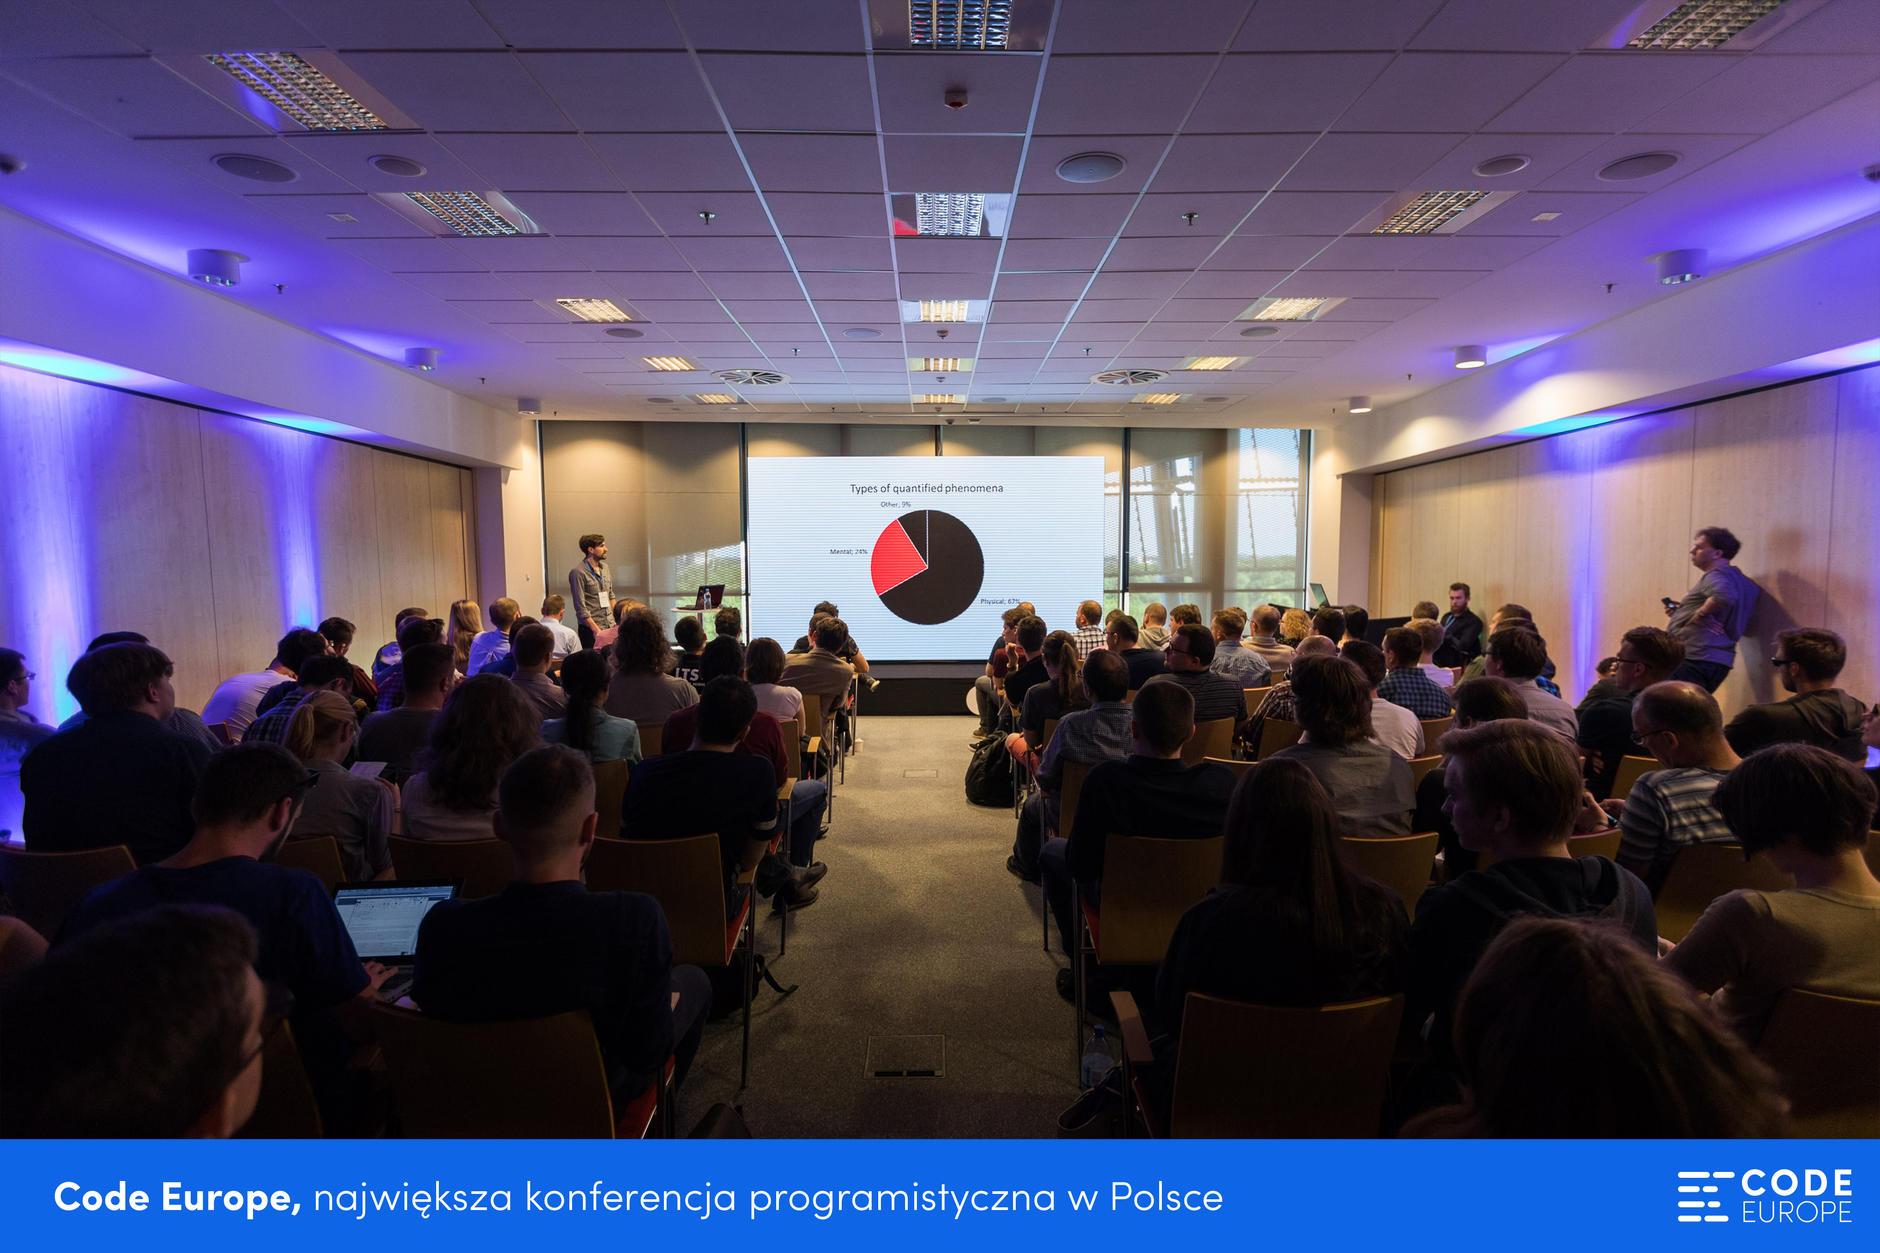 Specjaliści IT z NASA, Google, Booking.com przyjeżdżają do Polski - ucz się od najlepszych